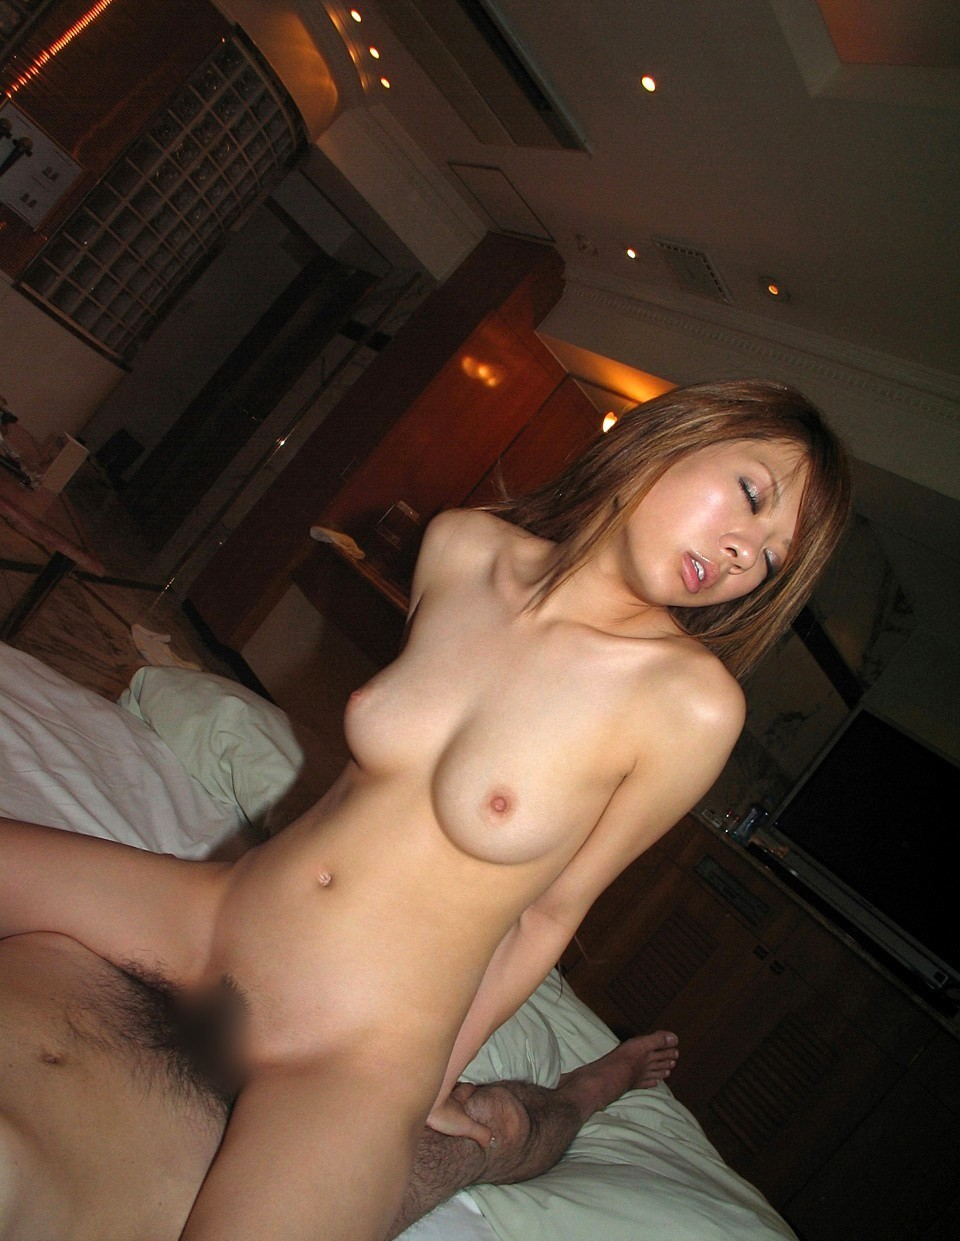 【性交エロ画像】女子も時には頑張りますw腰使いが重要な女上位セックス(*´Д`)